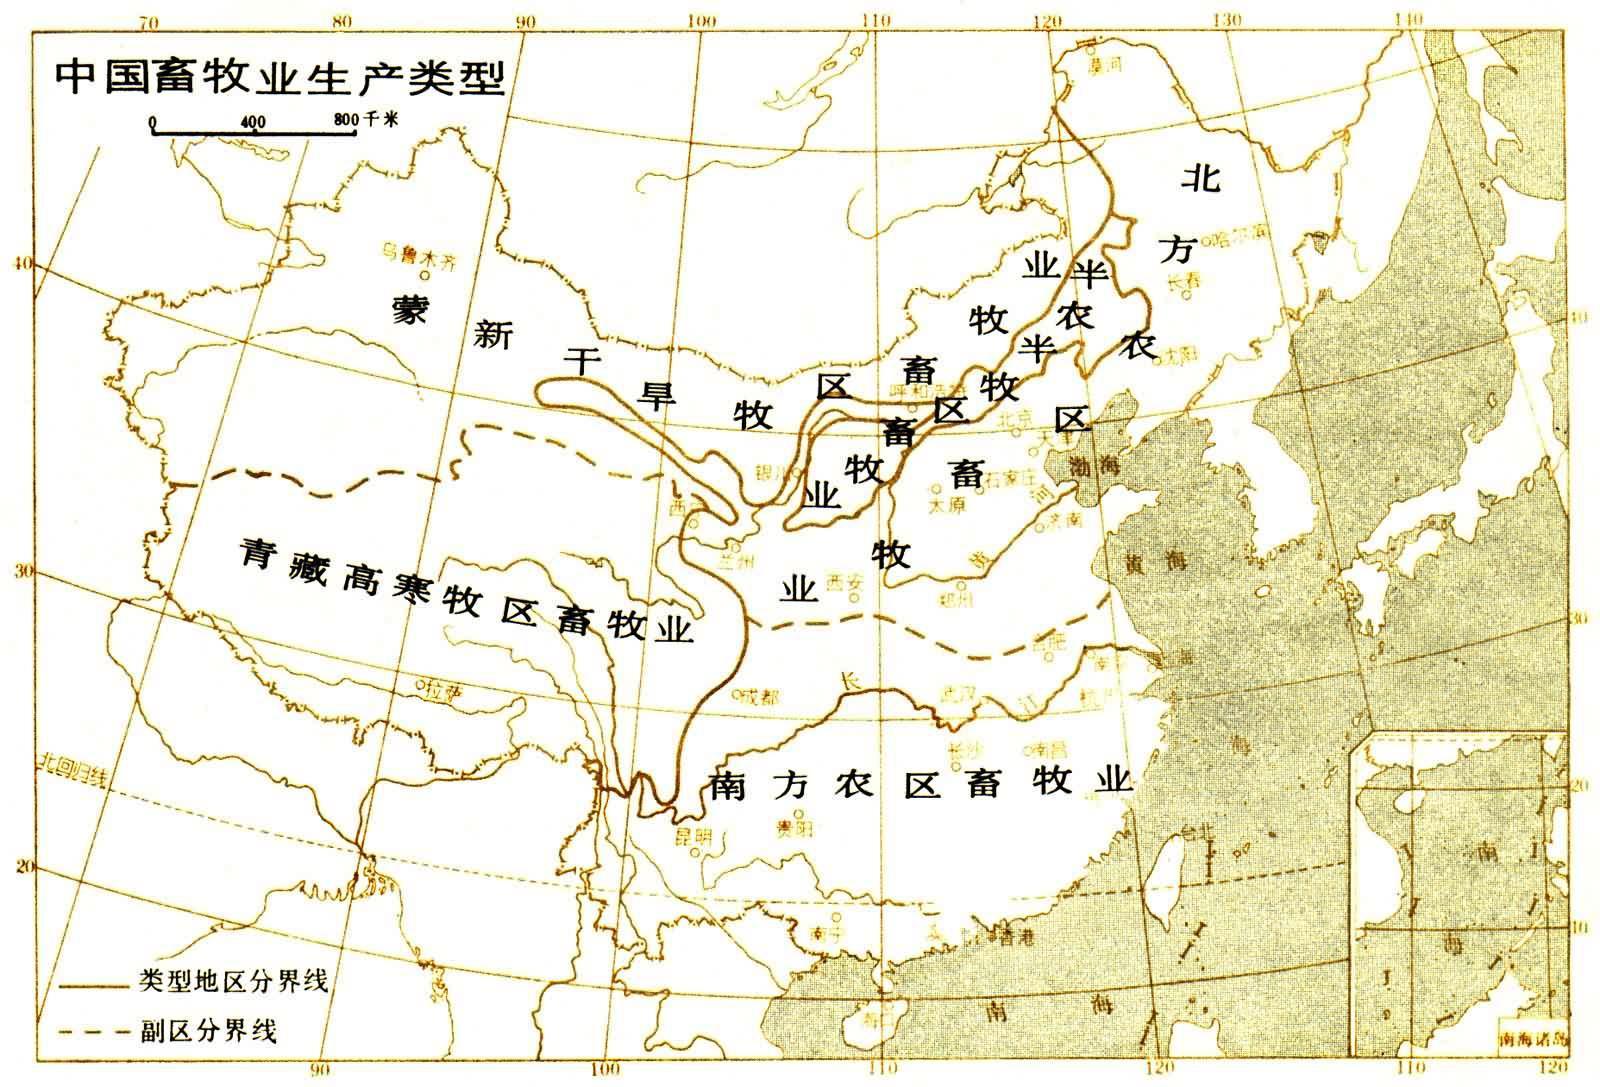 山区牧场 内蒙古 呼伦贝尔 地理 风光 田园风光